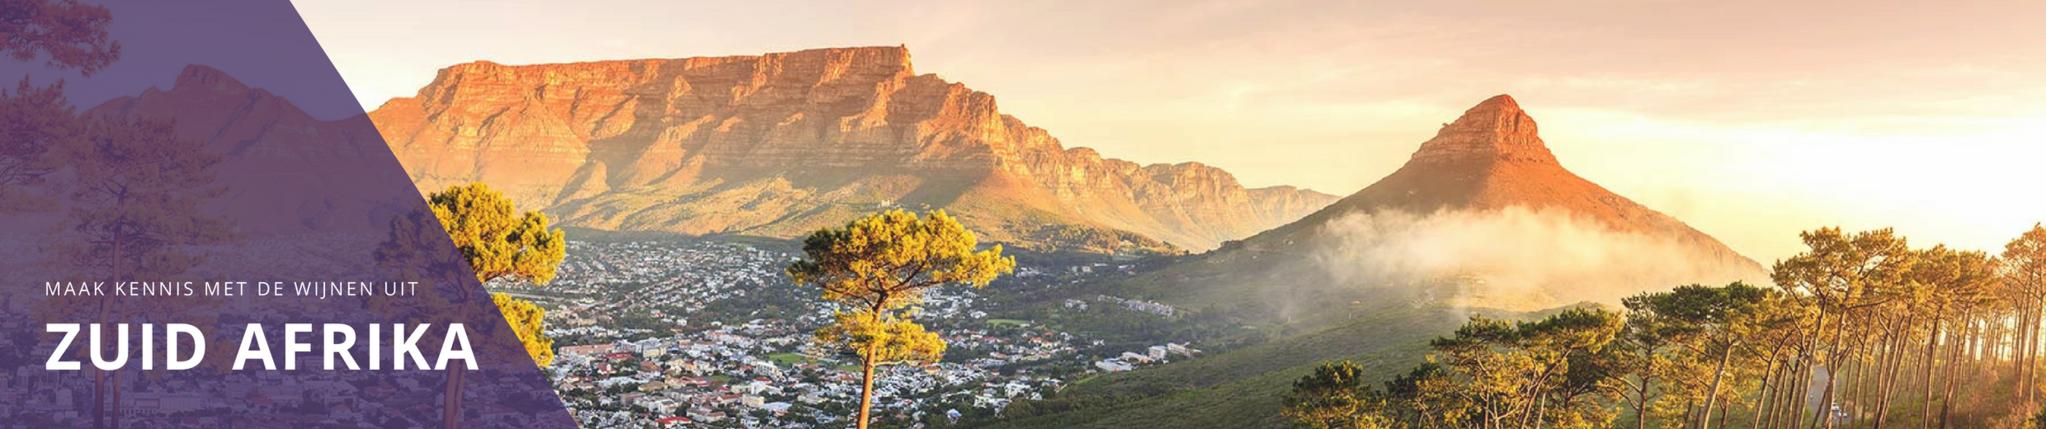 Witte wijn uit Zuid-Afrika